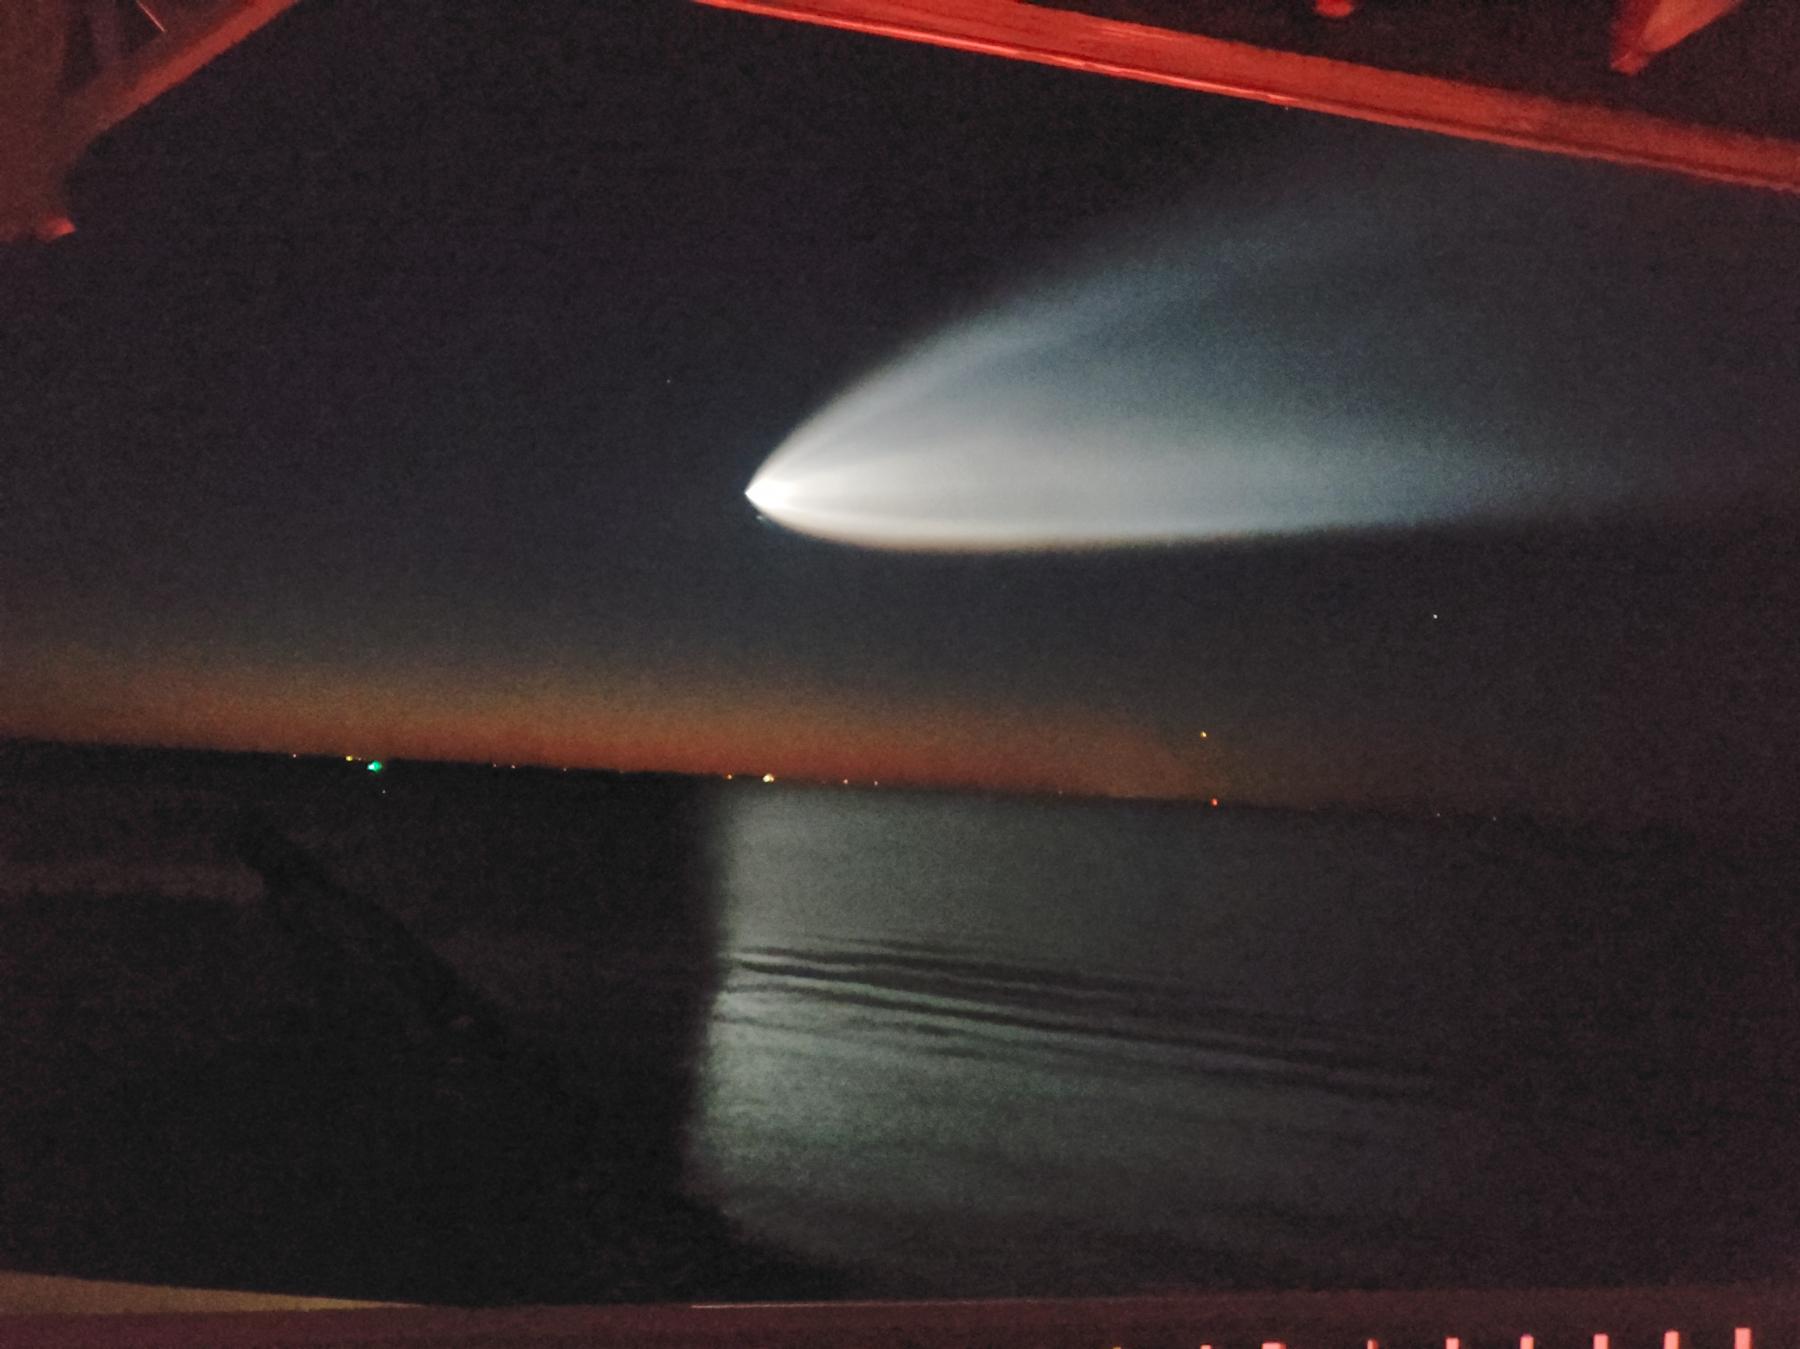 Огненный шар или космическая медуза? Что же видели над восточным побережьем США?